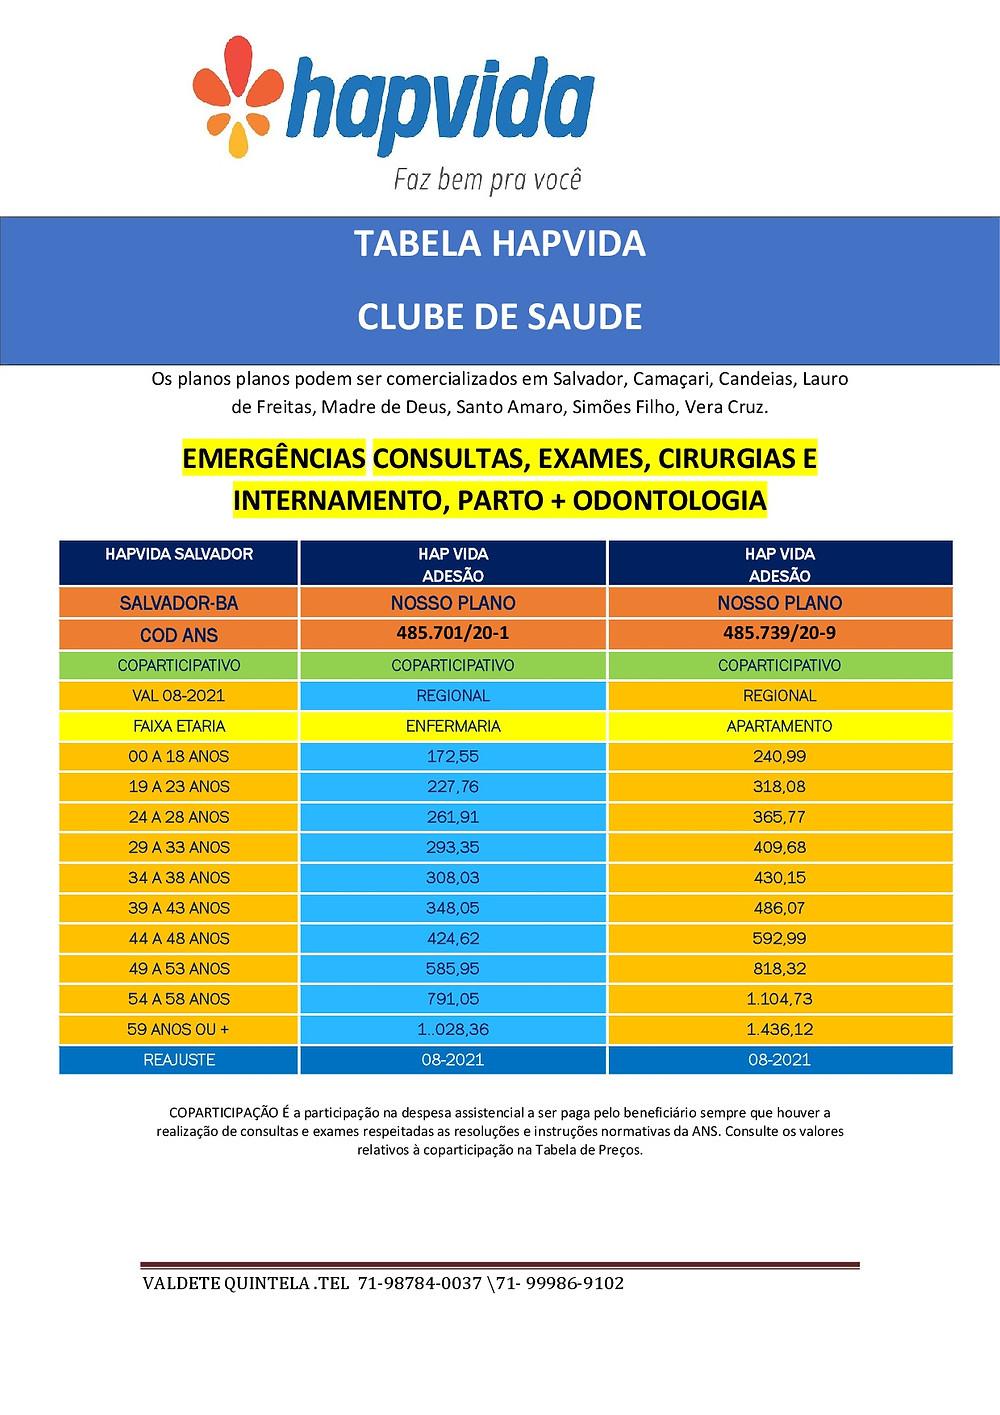 2020-TABELAS ATUALIZADAS PLANOS DE SAUDE SALVADOR-BA